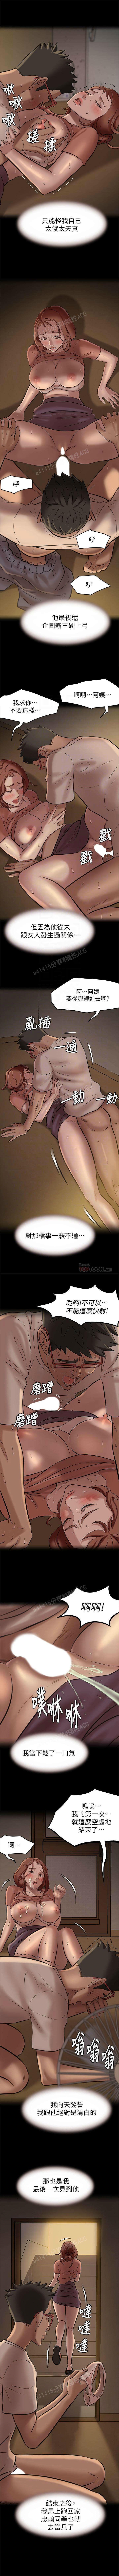 panty note 小褲褲筆記 小裤裤笔记 01-35 连载中 中文 重新排序 Reorder 30